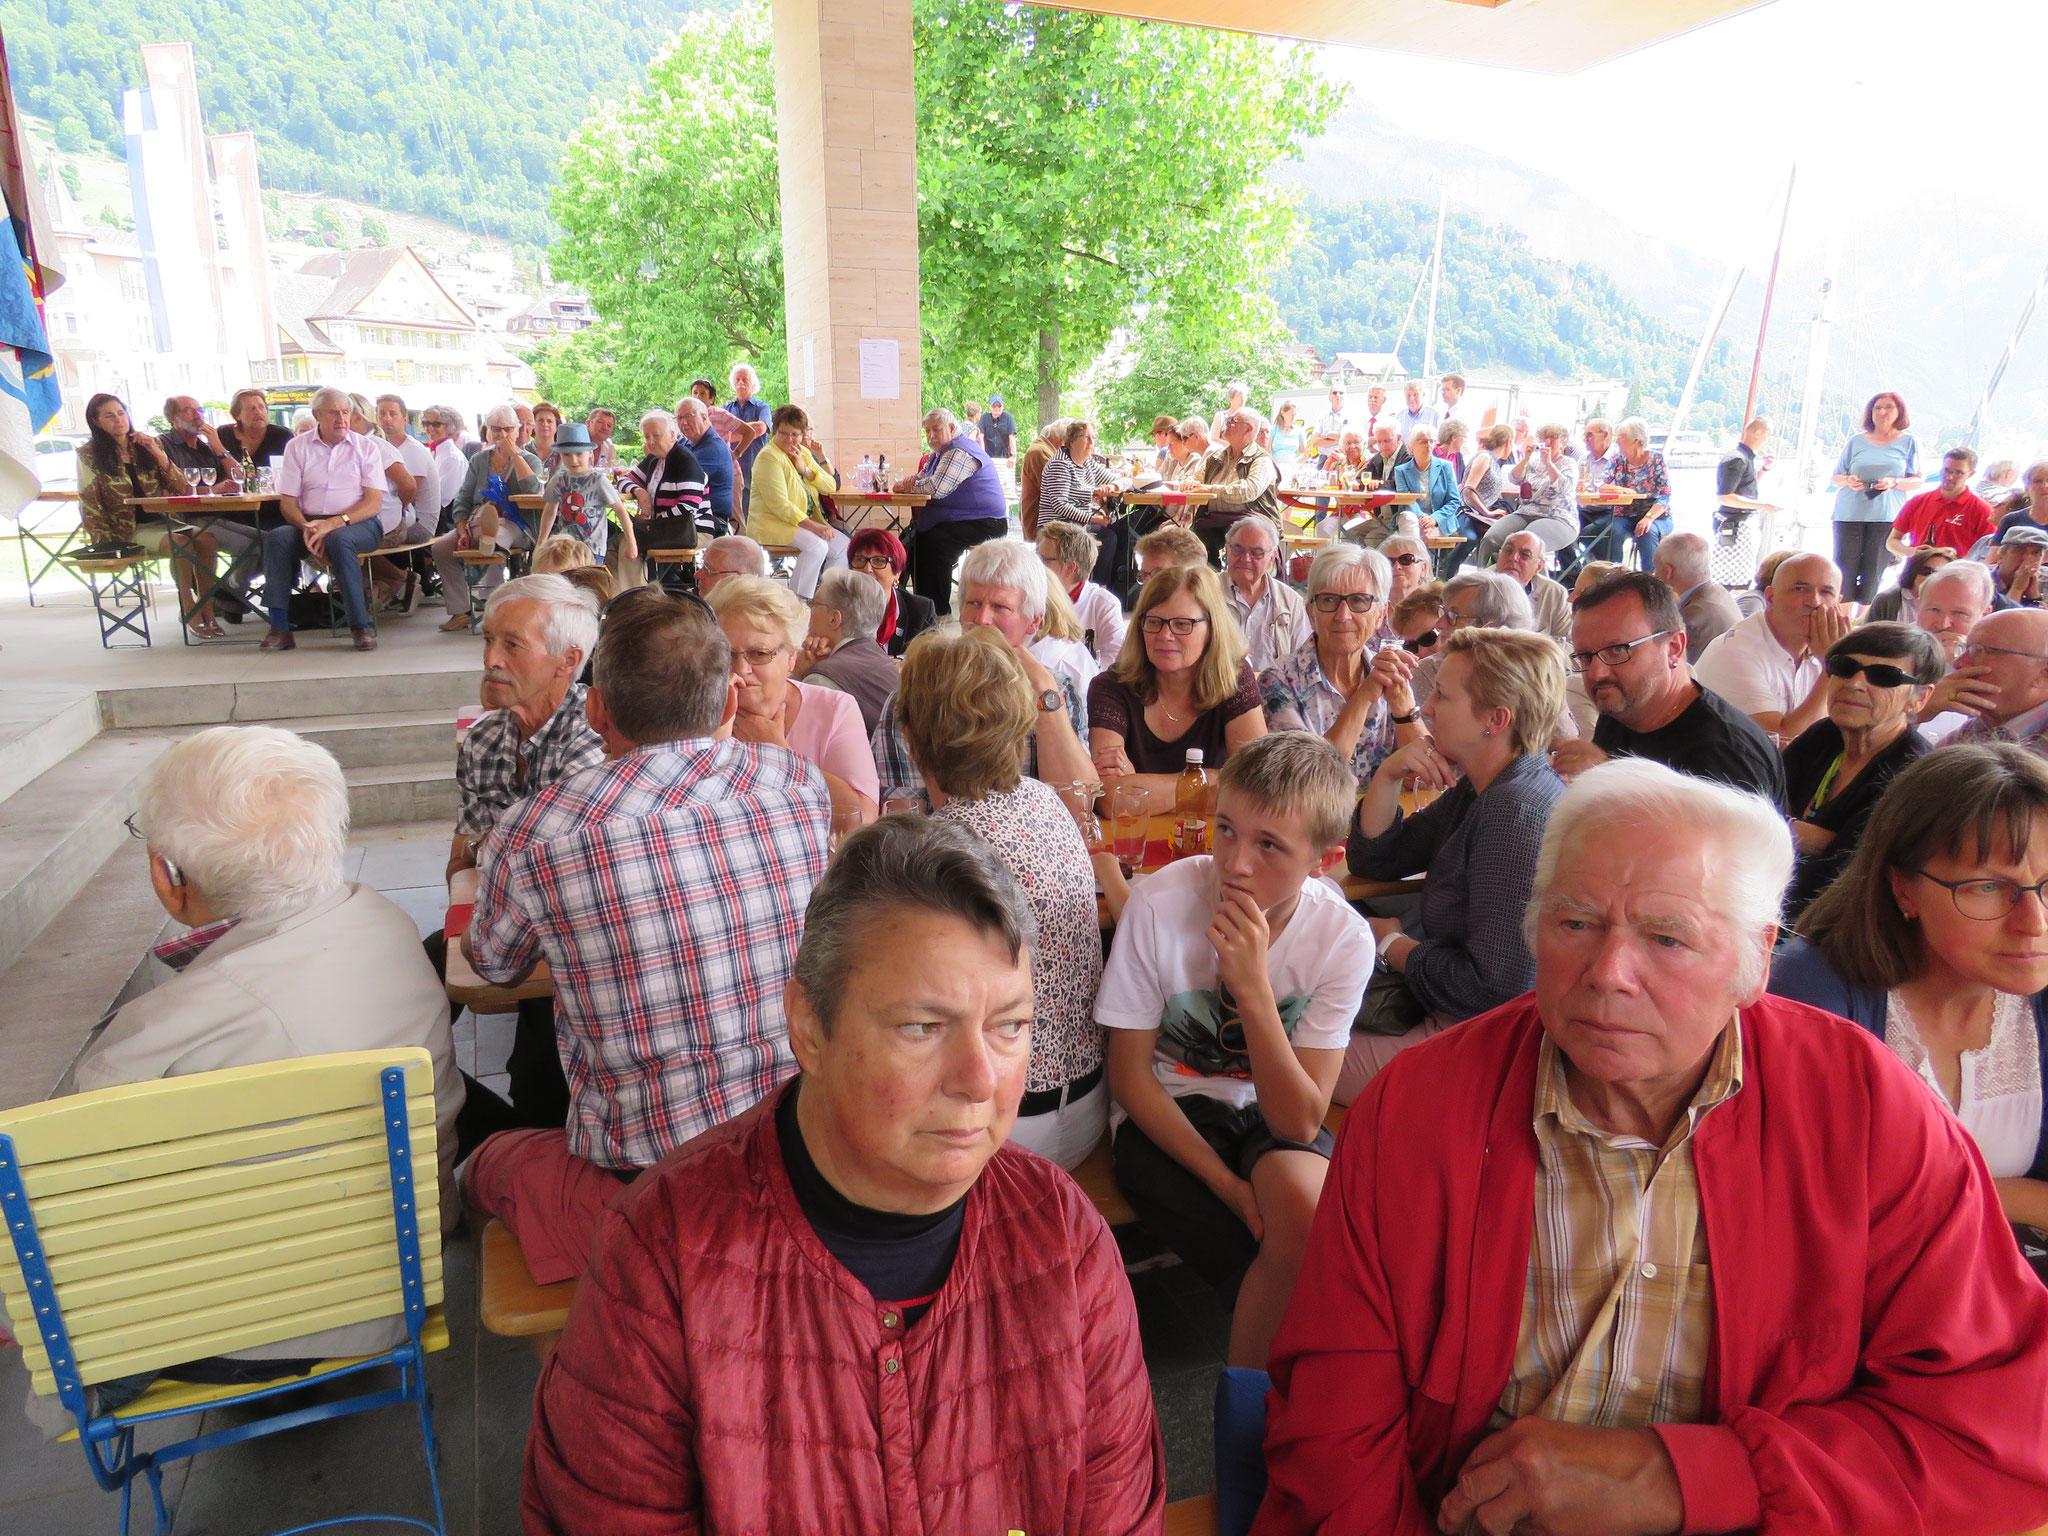 Wir durften bei wundervollem Wetter viele Besucherinnen und Besucher begrüssen.